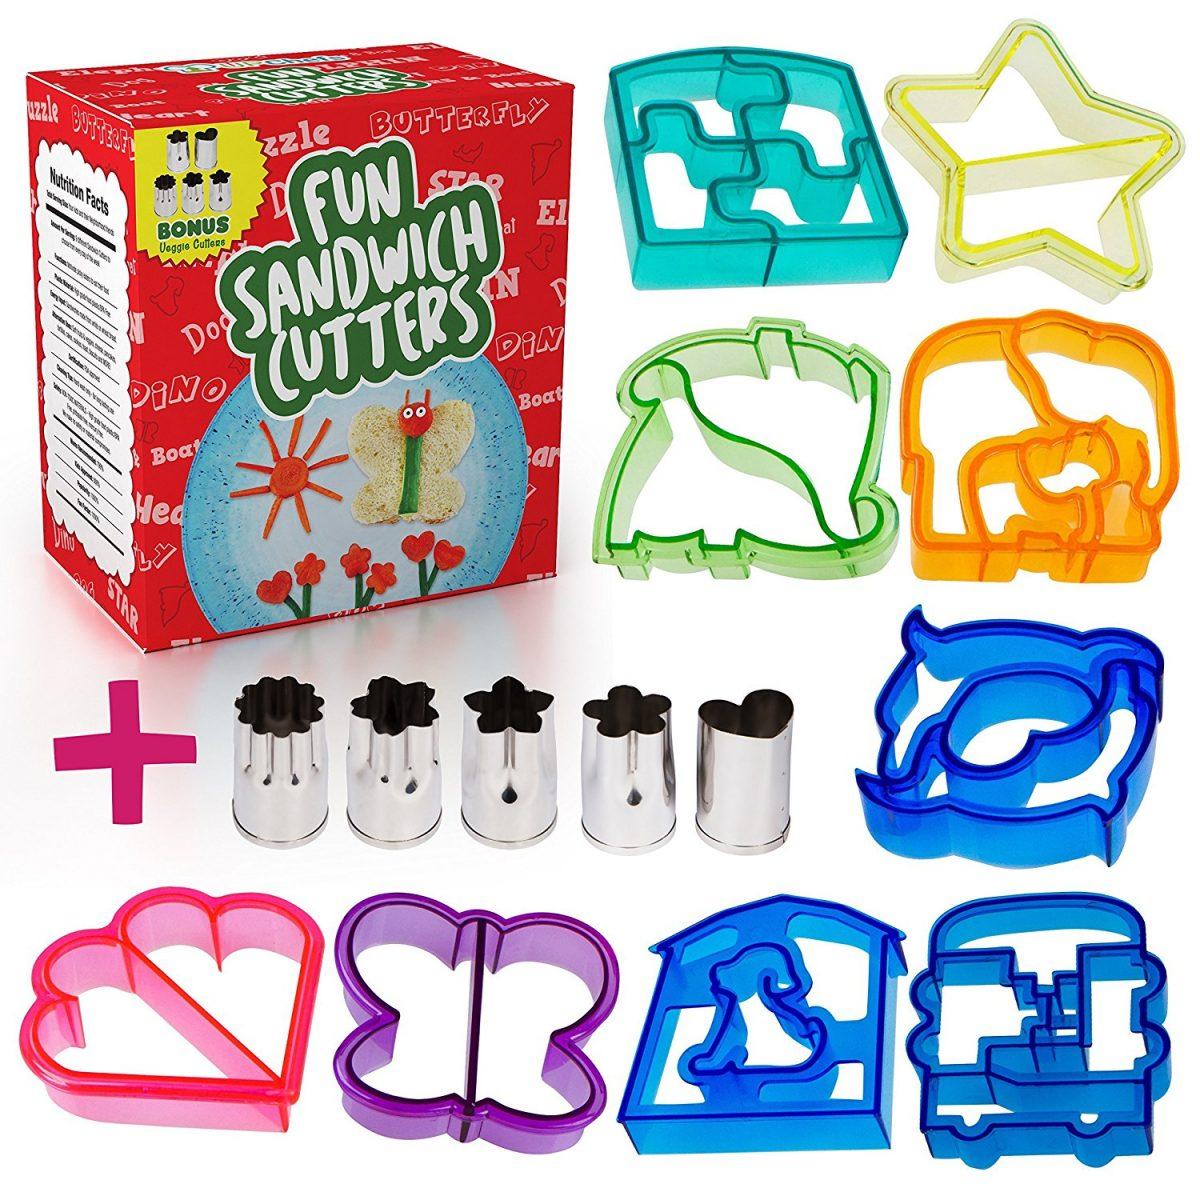 9 Fun Sandwich Shape Cutters for $13 Shipped!